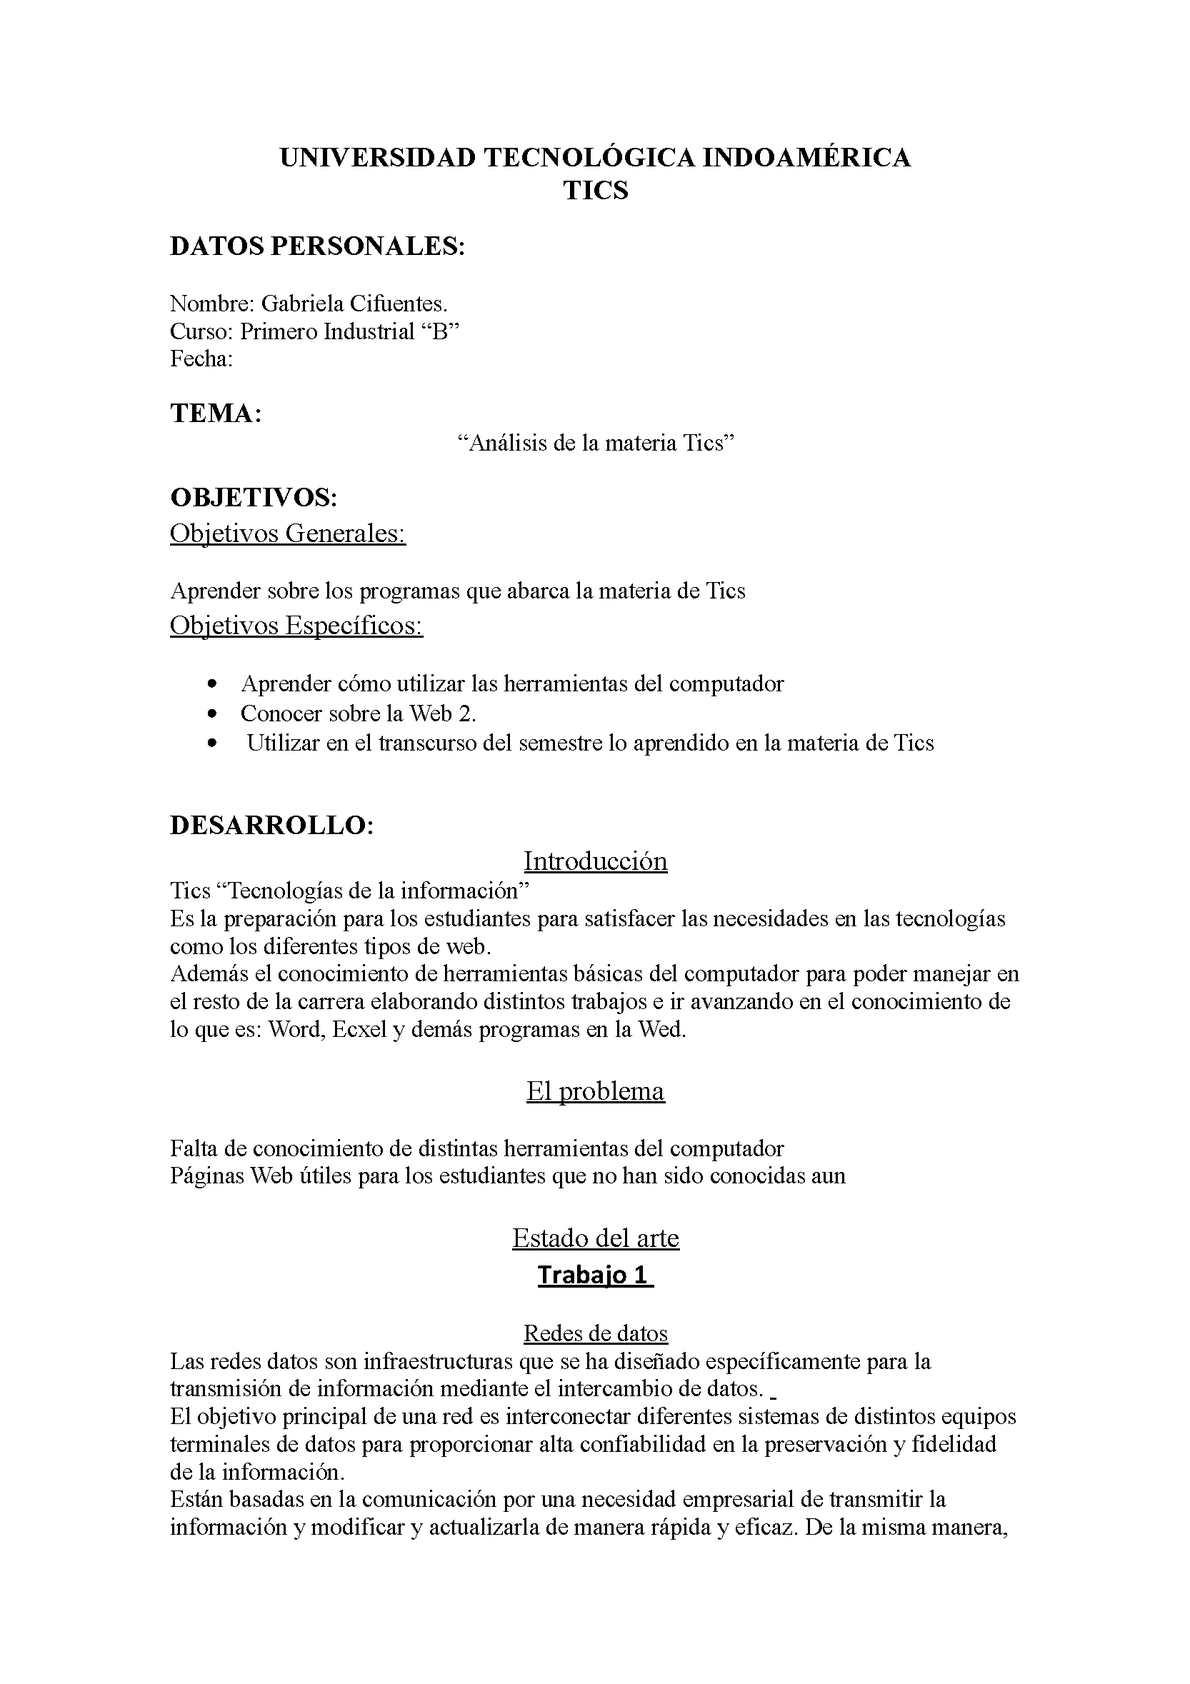 Calaméo - Poyecto de Tics